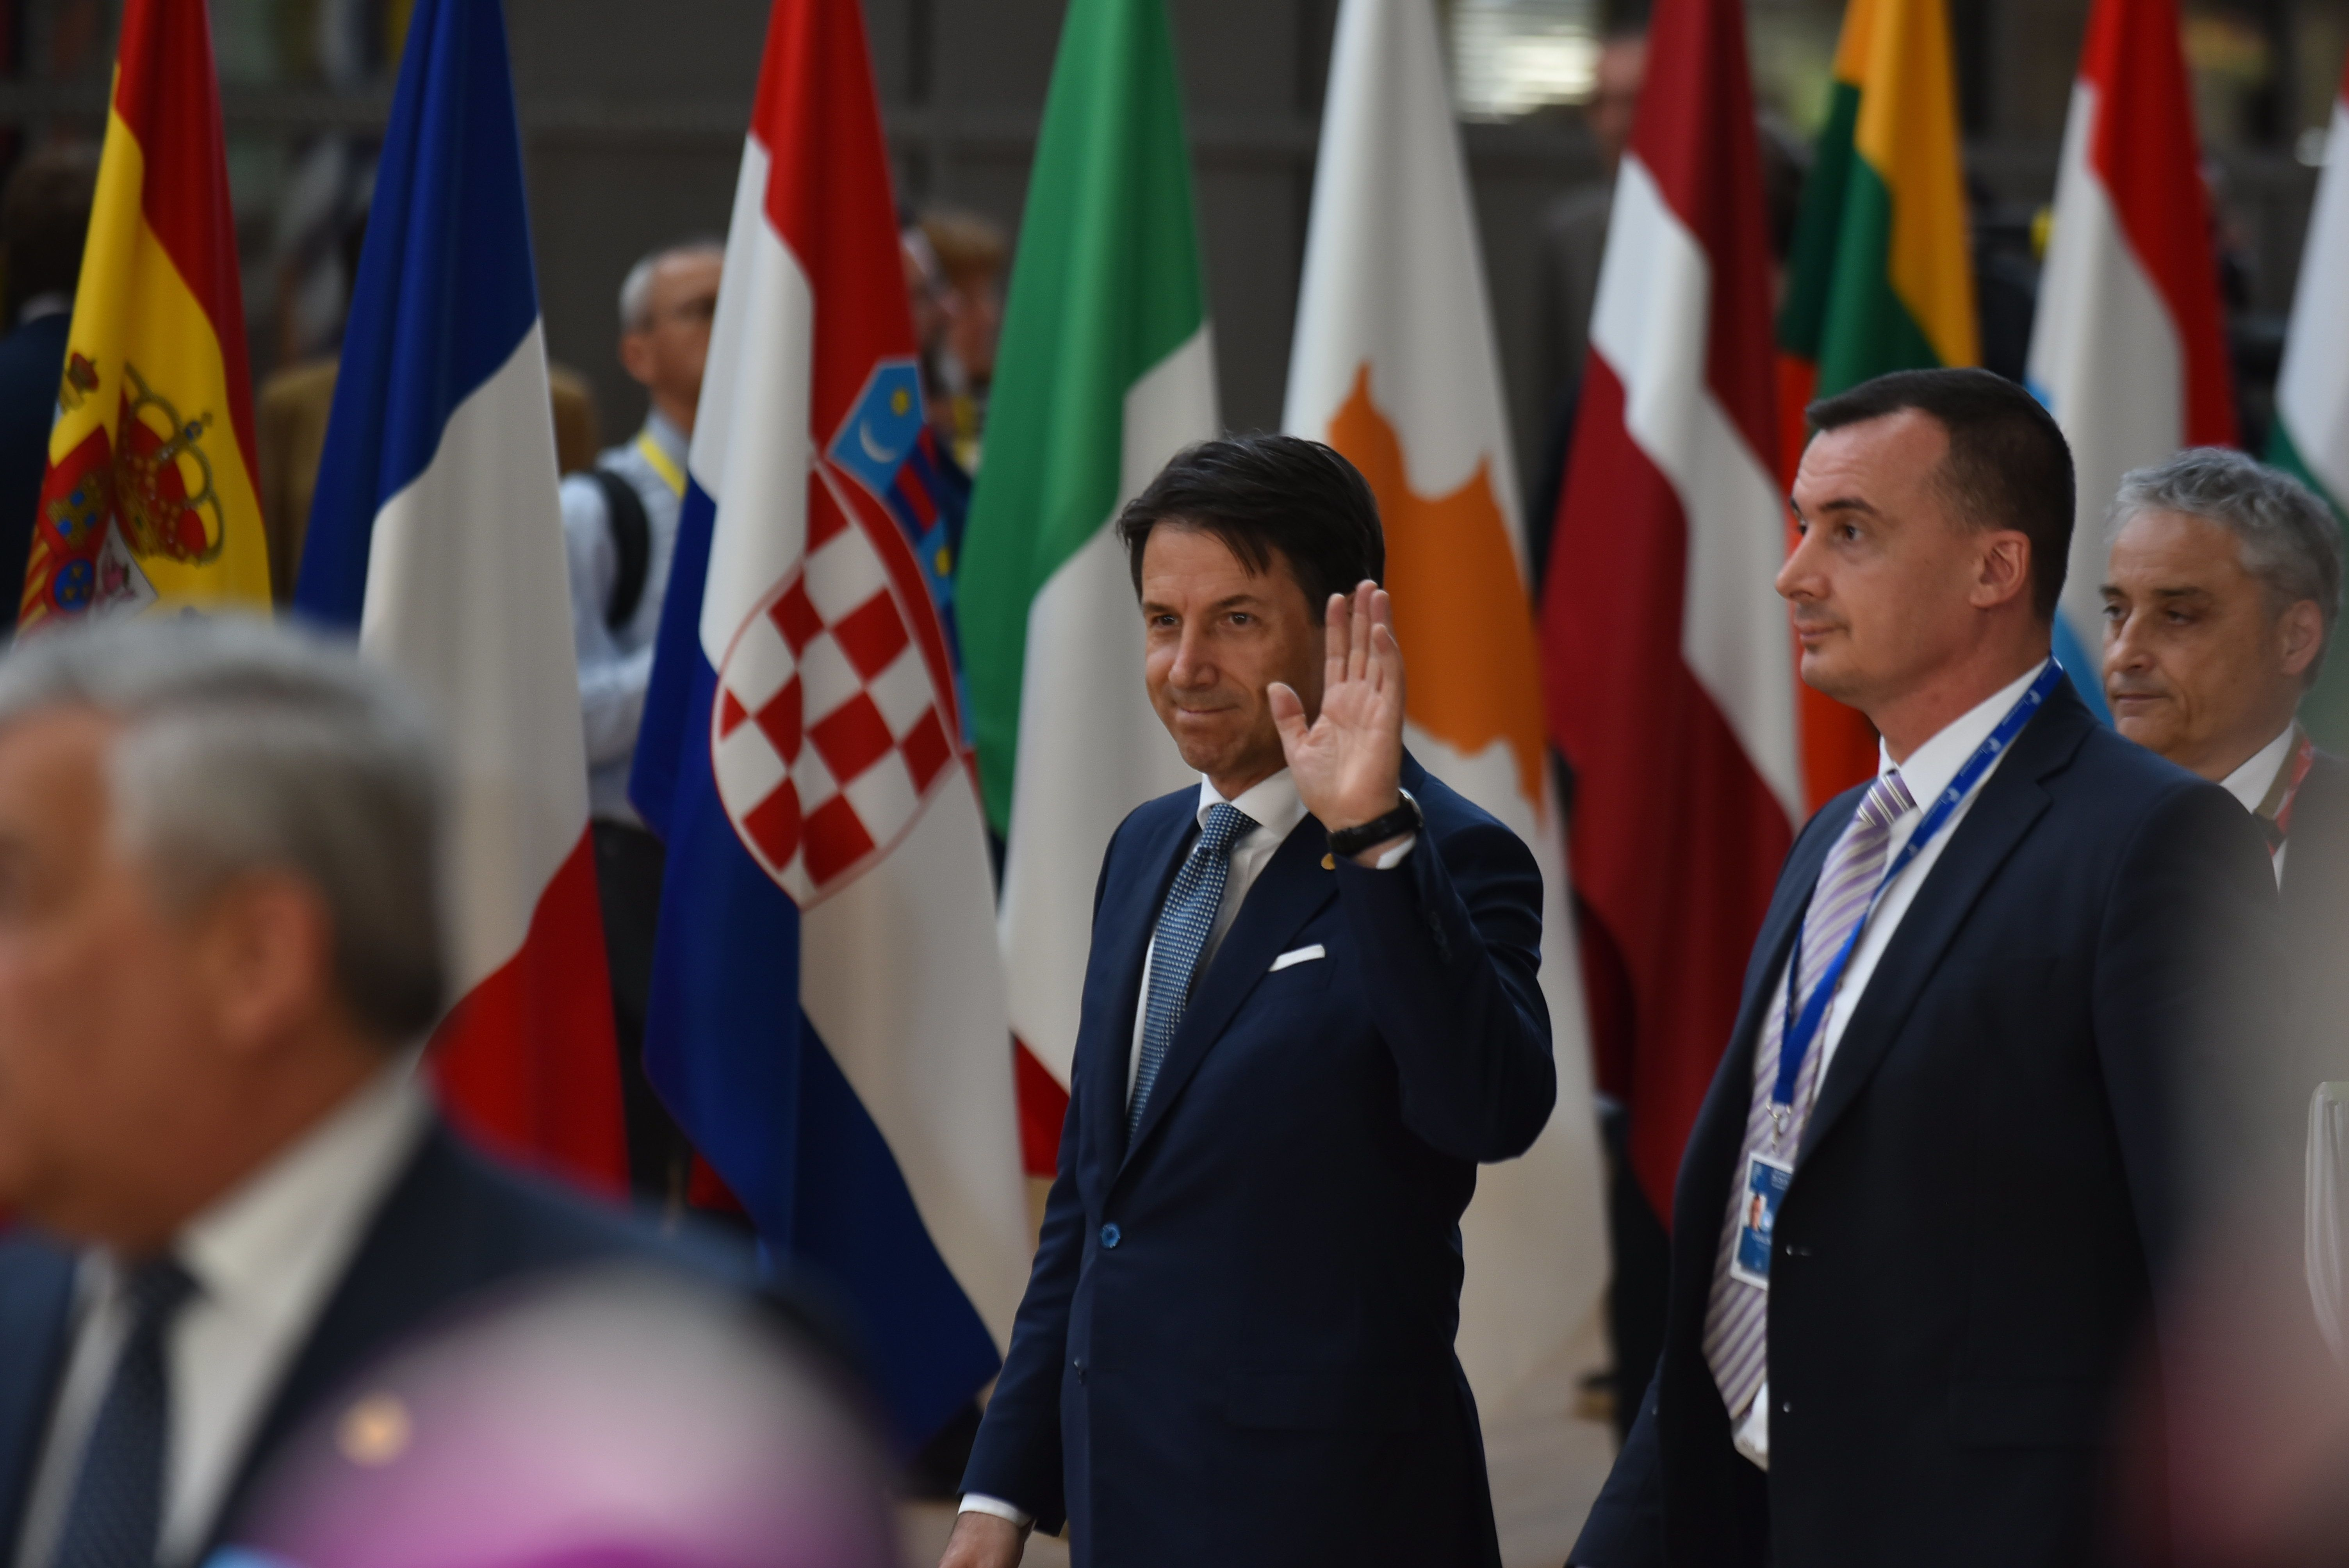 Βέτο από την Ιταλία «μπλοκάρει» τα συμπεράσματα της Συνόδου